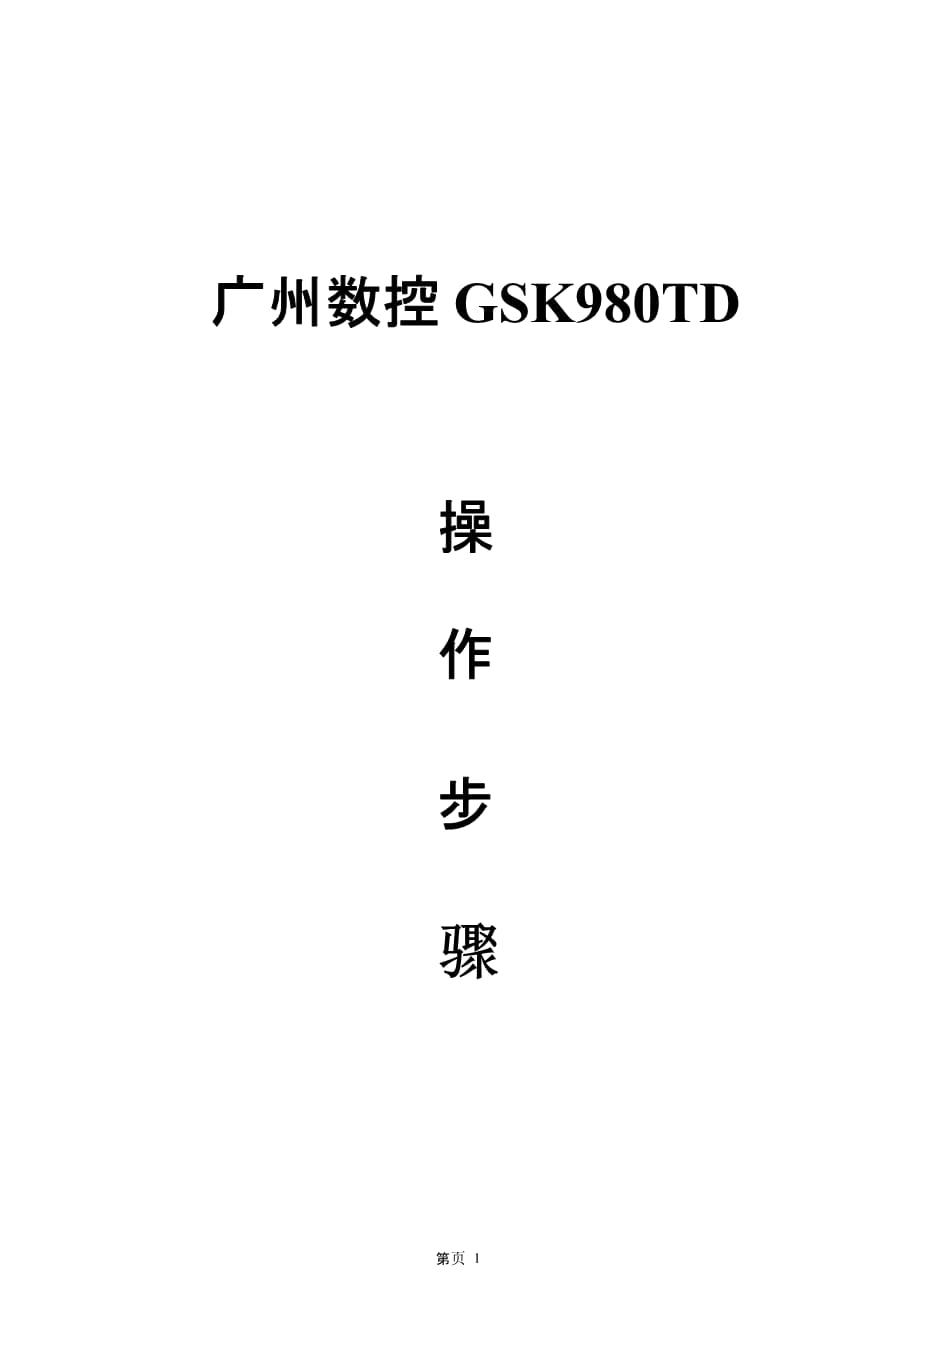 广州数控GSK980TD操作步骤(刀补对刀)doc.pptx